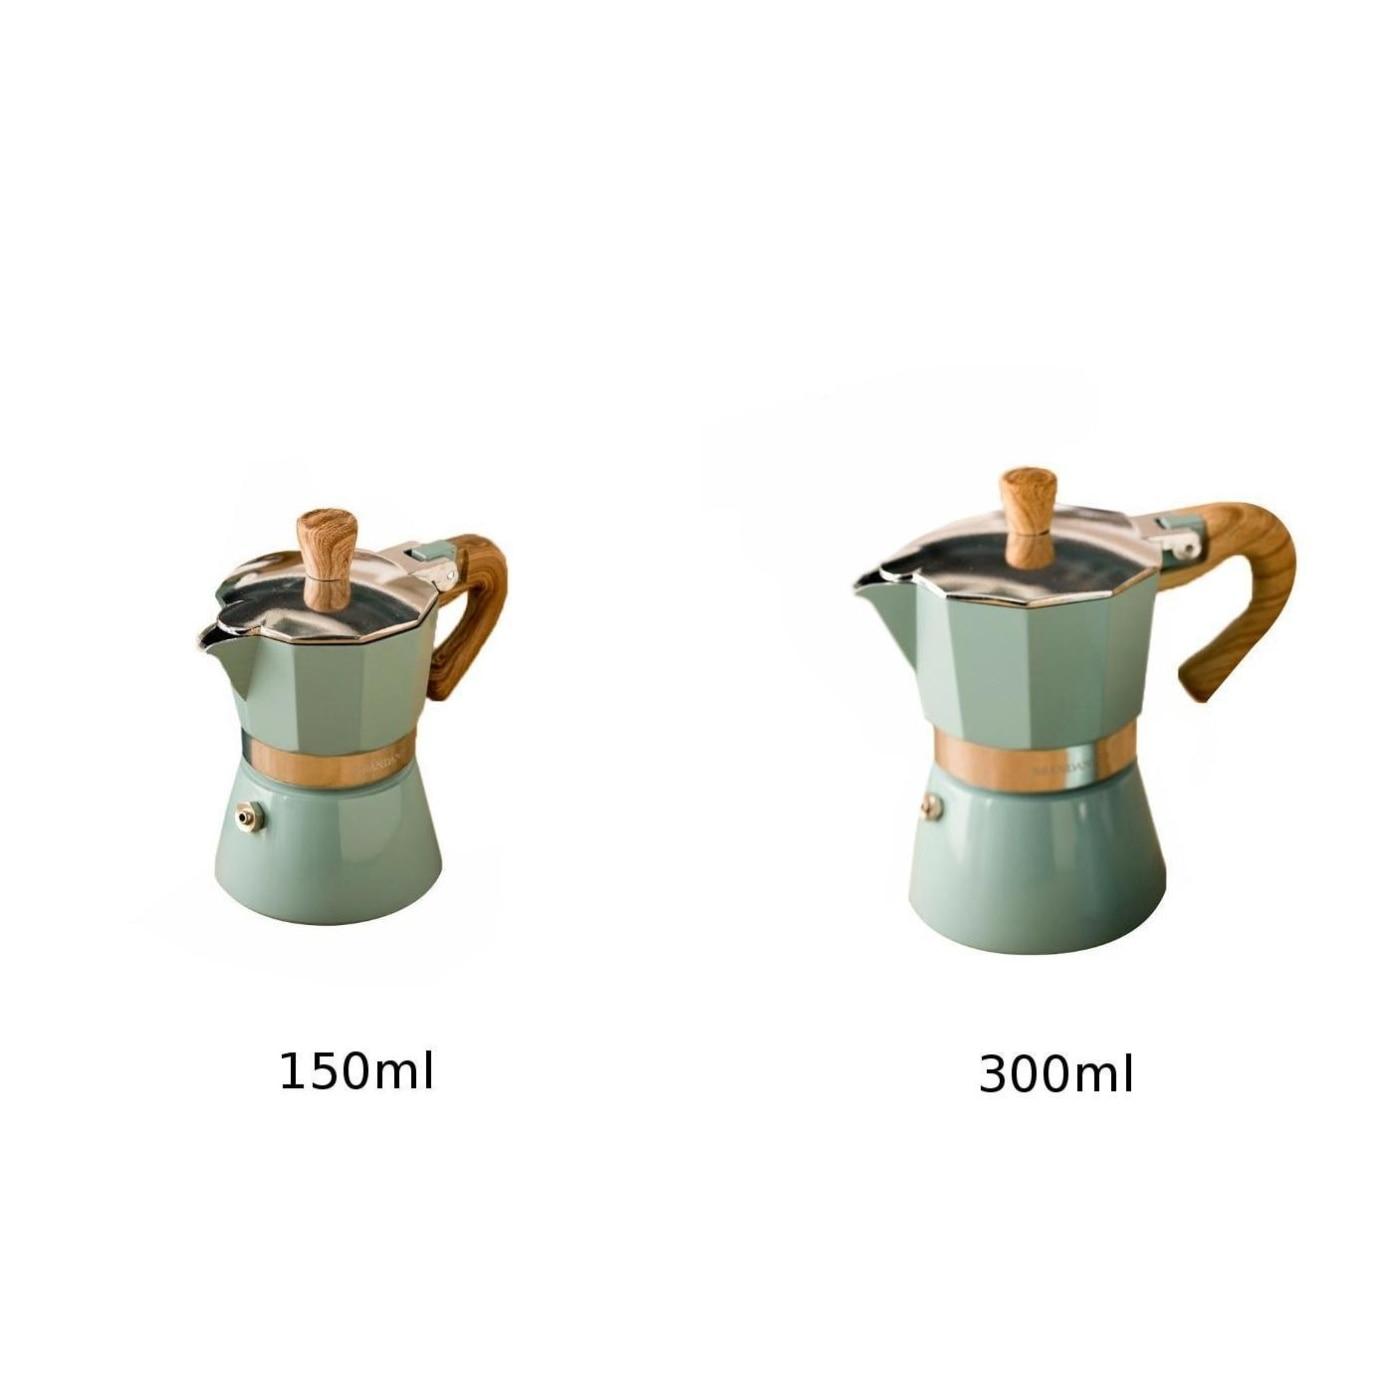 150 ml 6 Tazas Hedear Cafetera 300 ml Cafetera Italiana de Aluminio Mocha Cafetera para Compartir en casa Extracci/ón del Filtro Cafetera Cafetera Espresso 3 Tazas